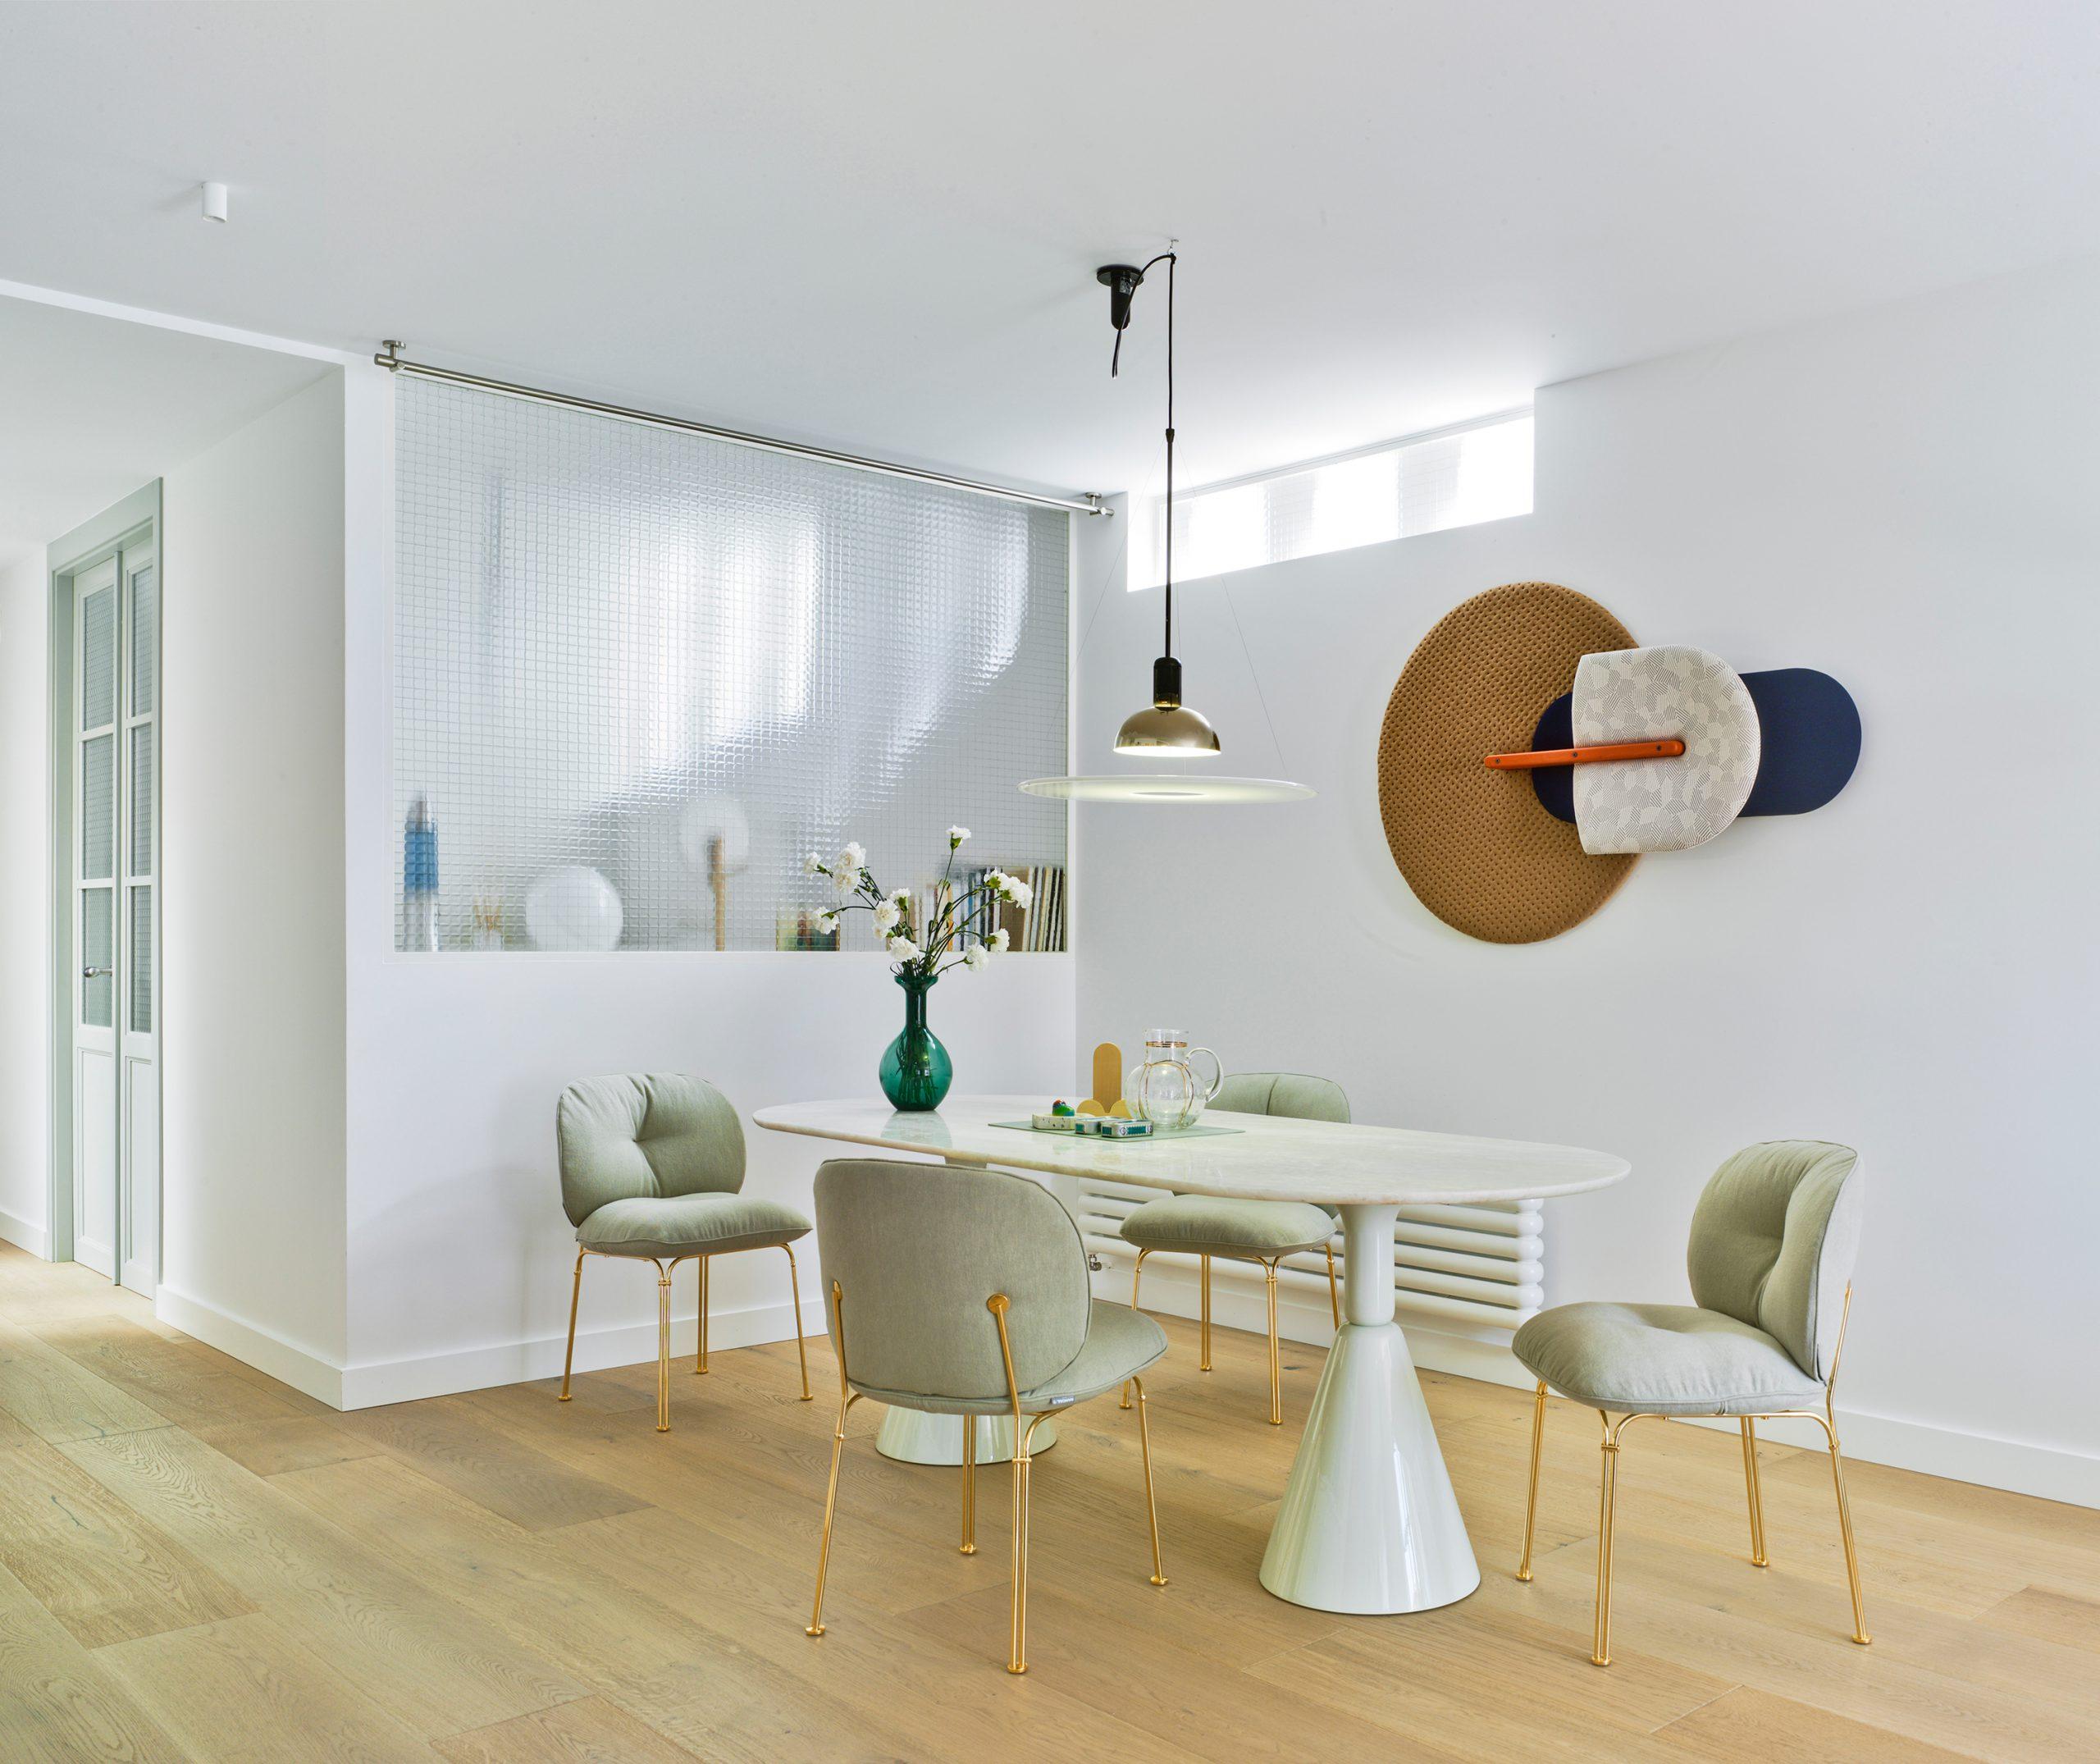 リビング家具としても人気のデザイナーズ家具Sancal(サンカル)